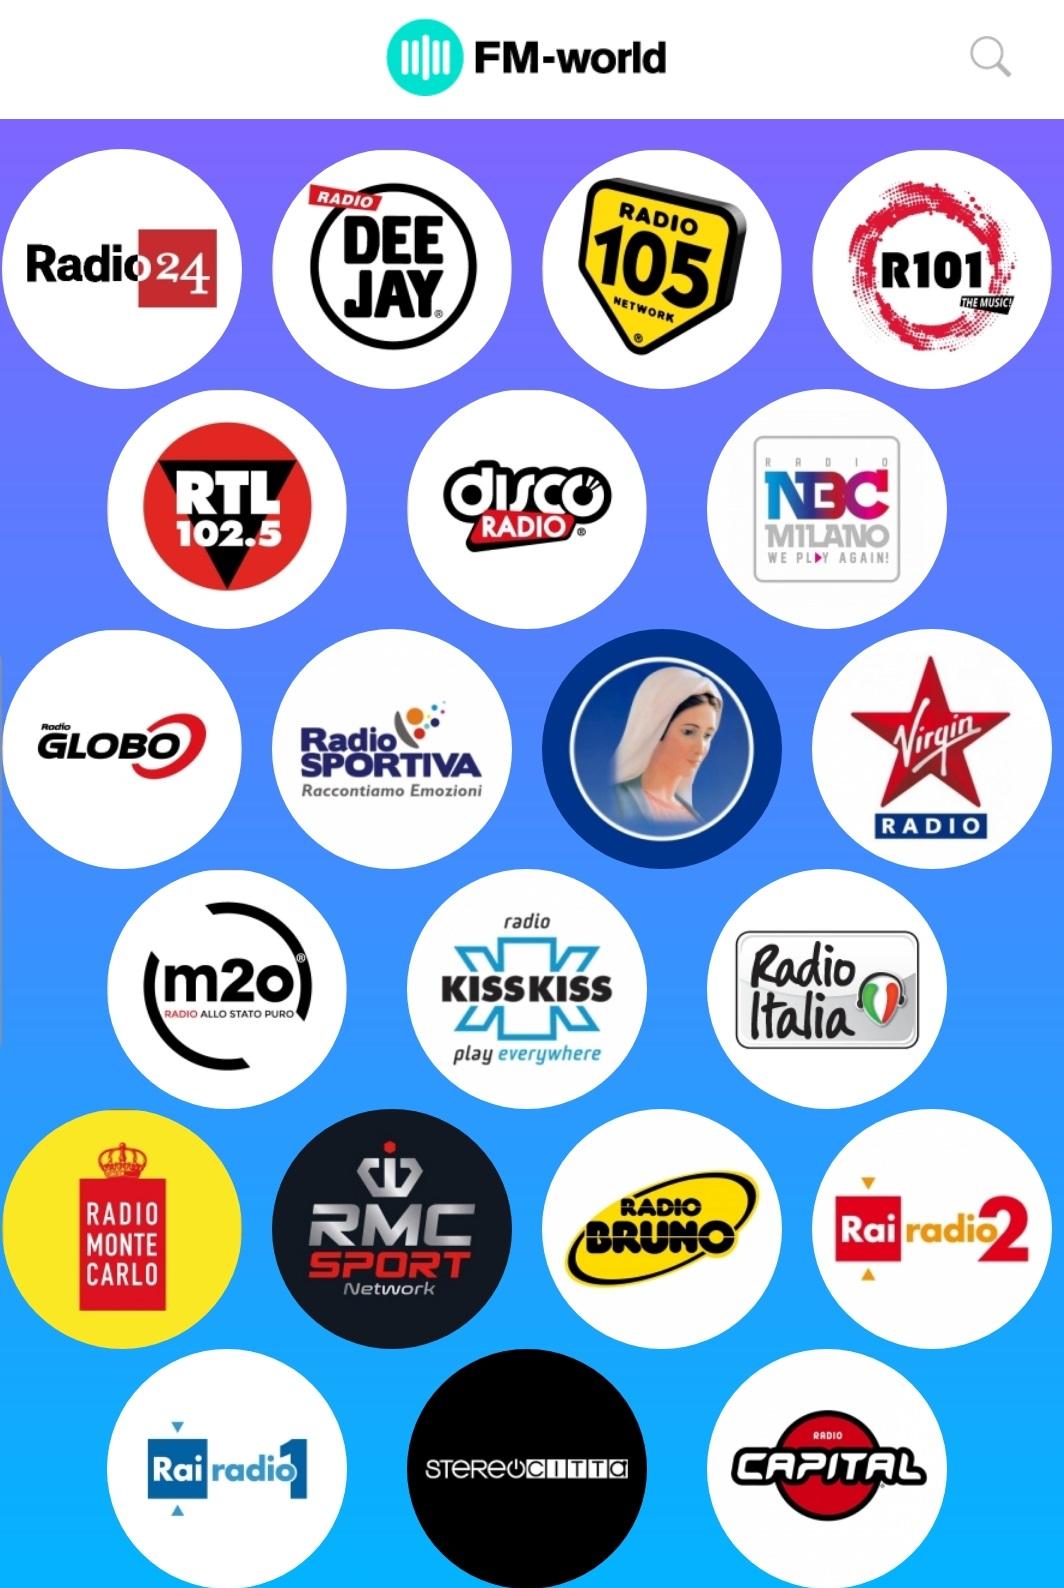 FM world - Radio 4.0. L'uscita di BBC da TuneIn UK per le radio live scatena un dibattito tra gli operatori. BBC pero' precisa: fuori da TuneIn solo in presenza di piattaforme alternative, free e semplici da impiegare